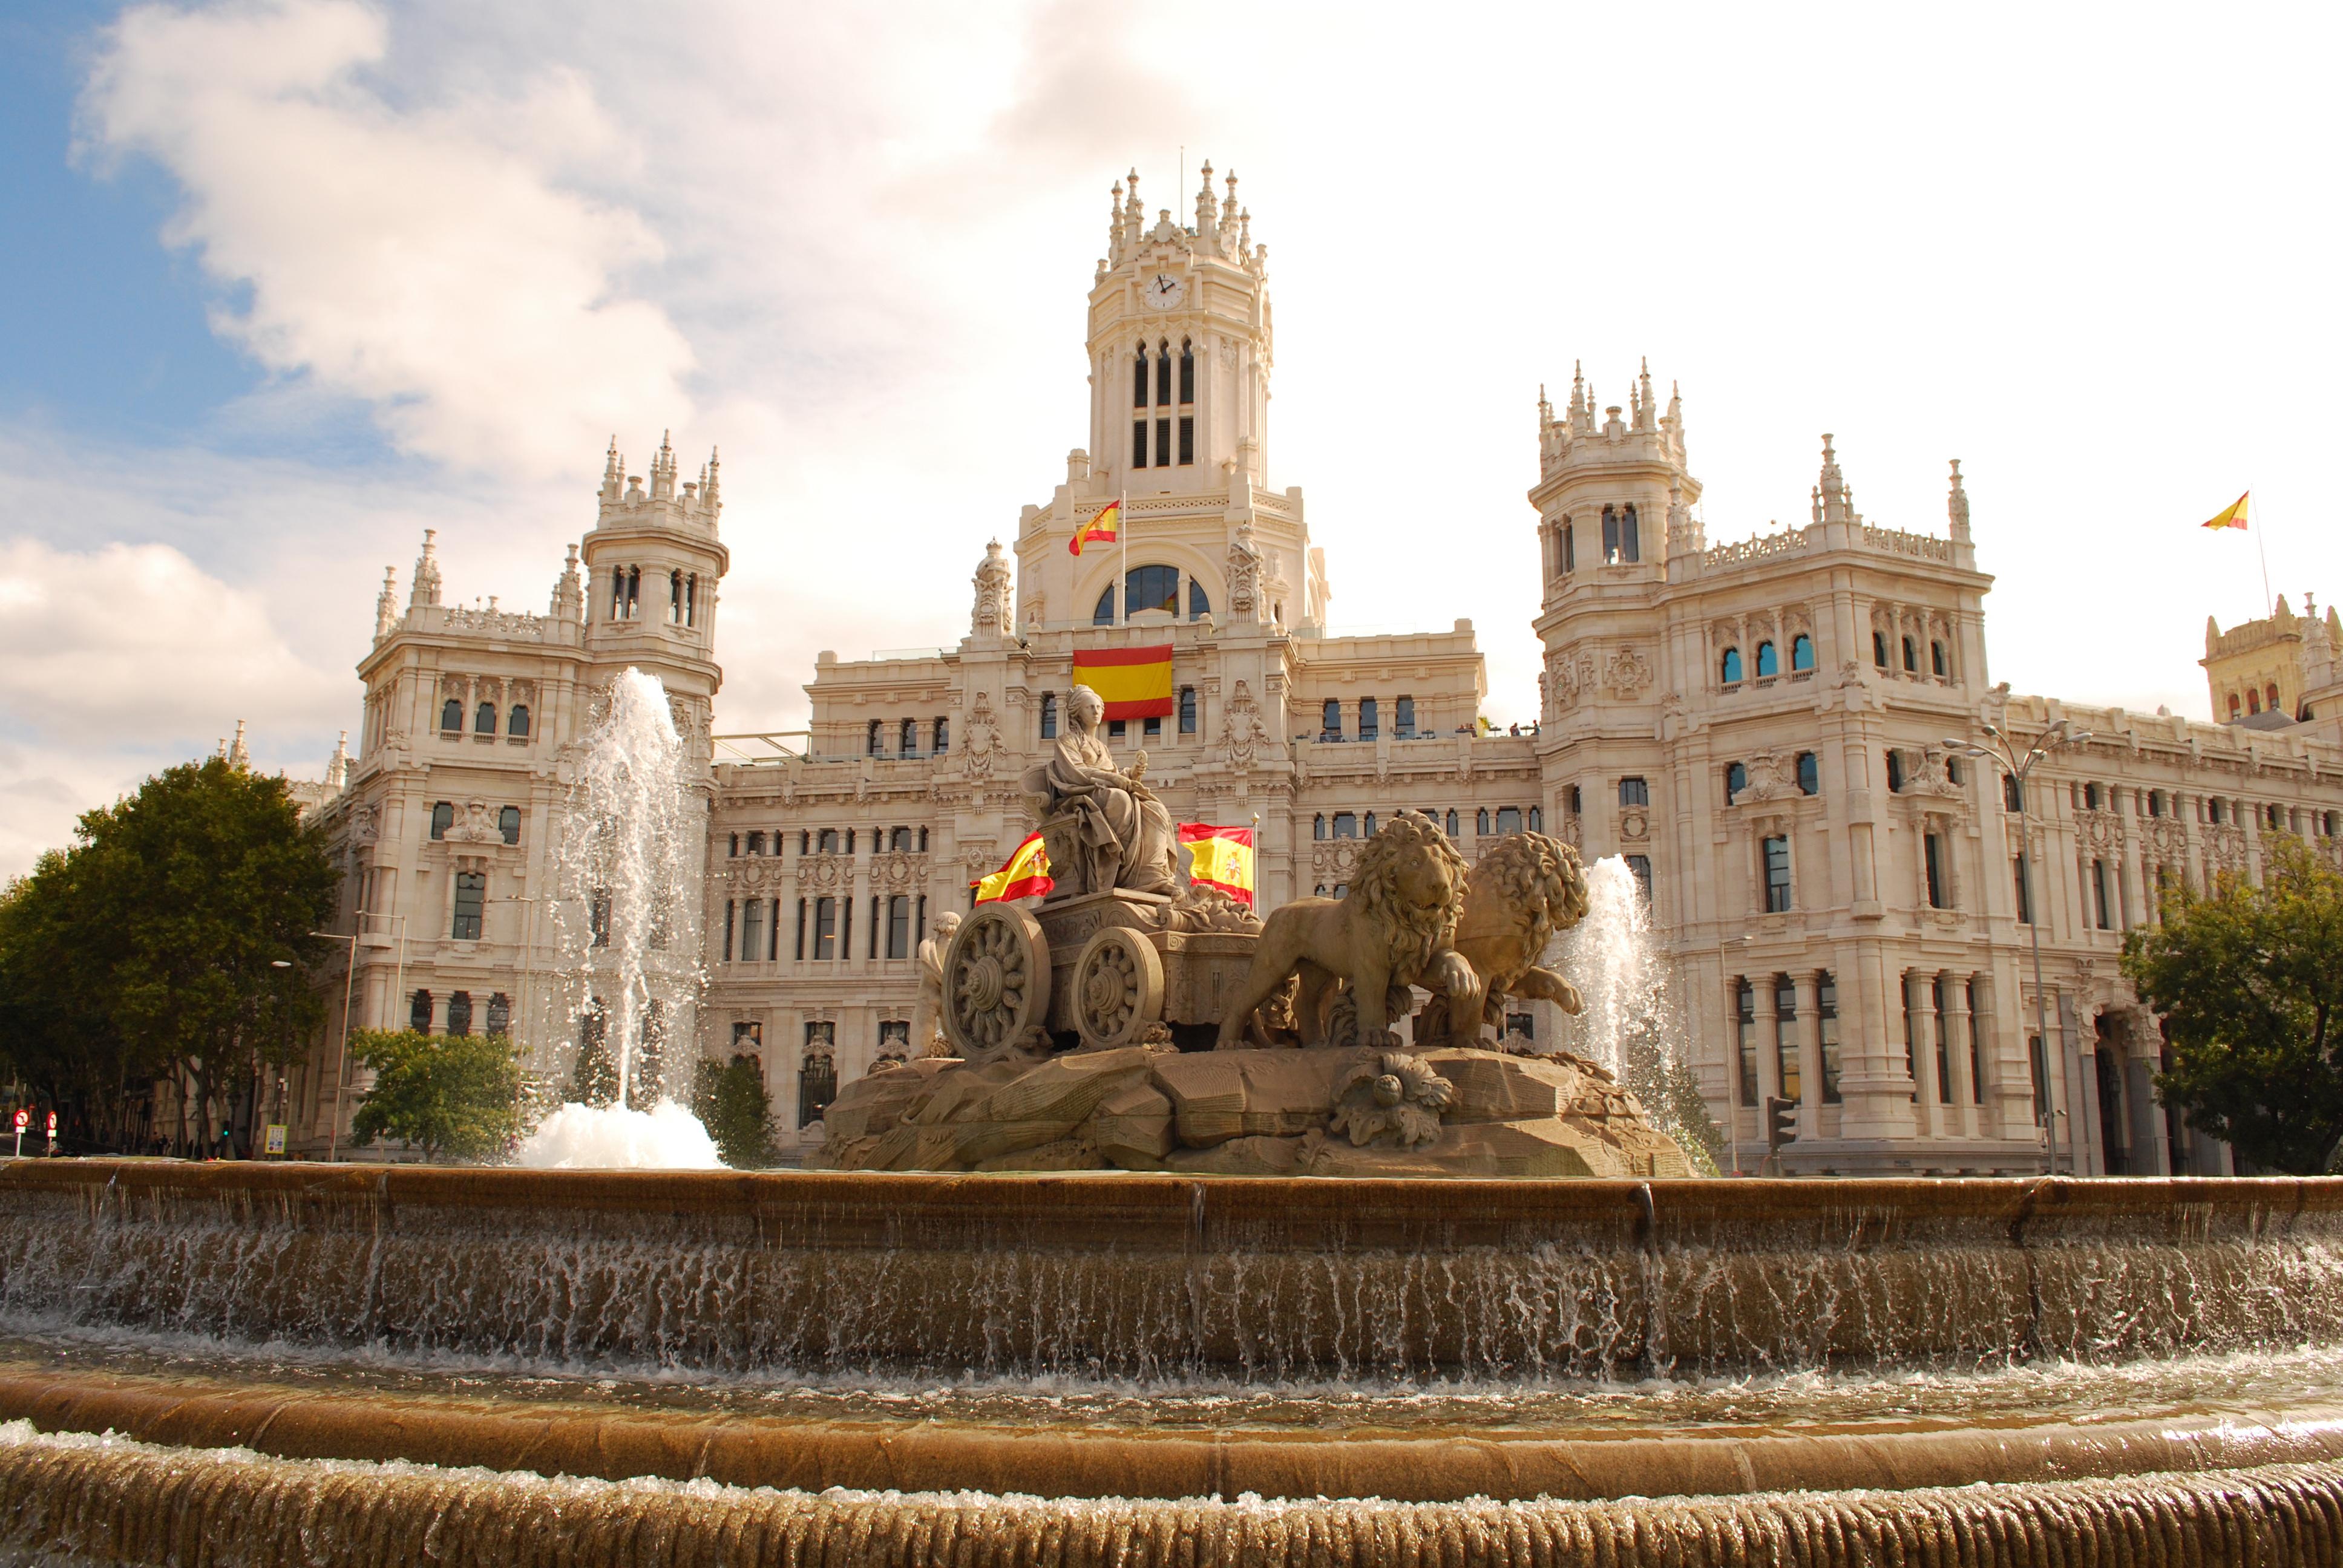 Испанские флаги возле фонтана Сибелес в Испании, ПМЖ которой могут получить иностранцы